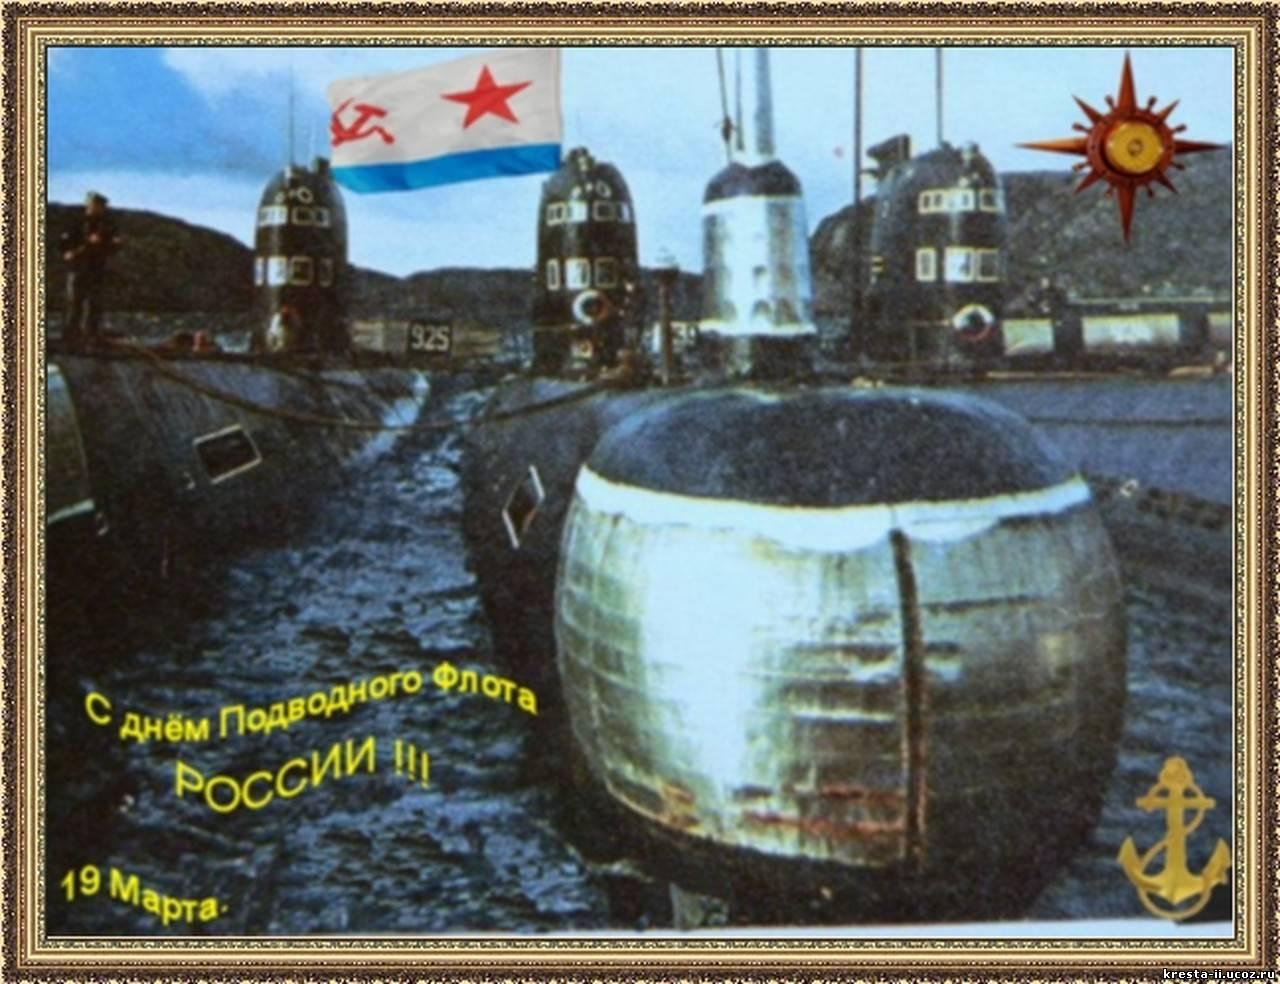 Поздравления с днем подводника 71